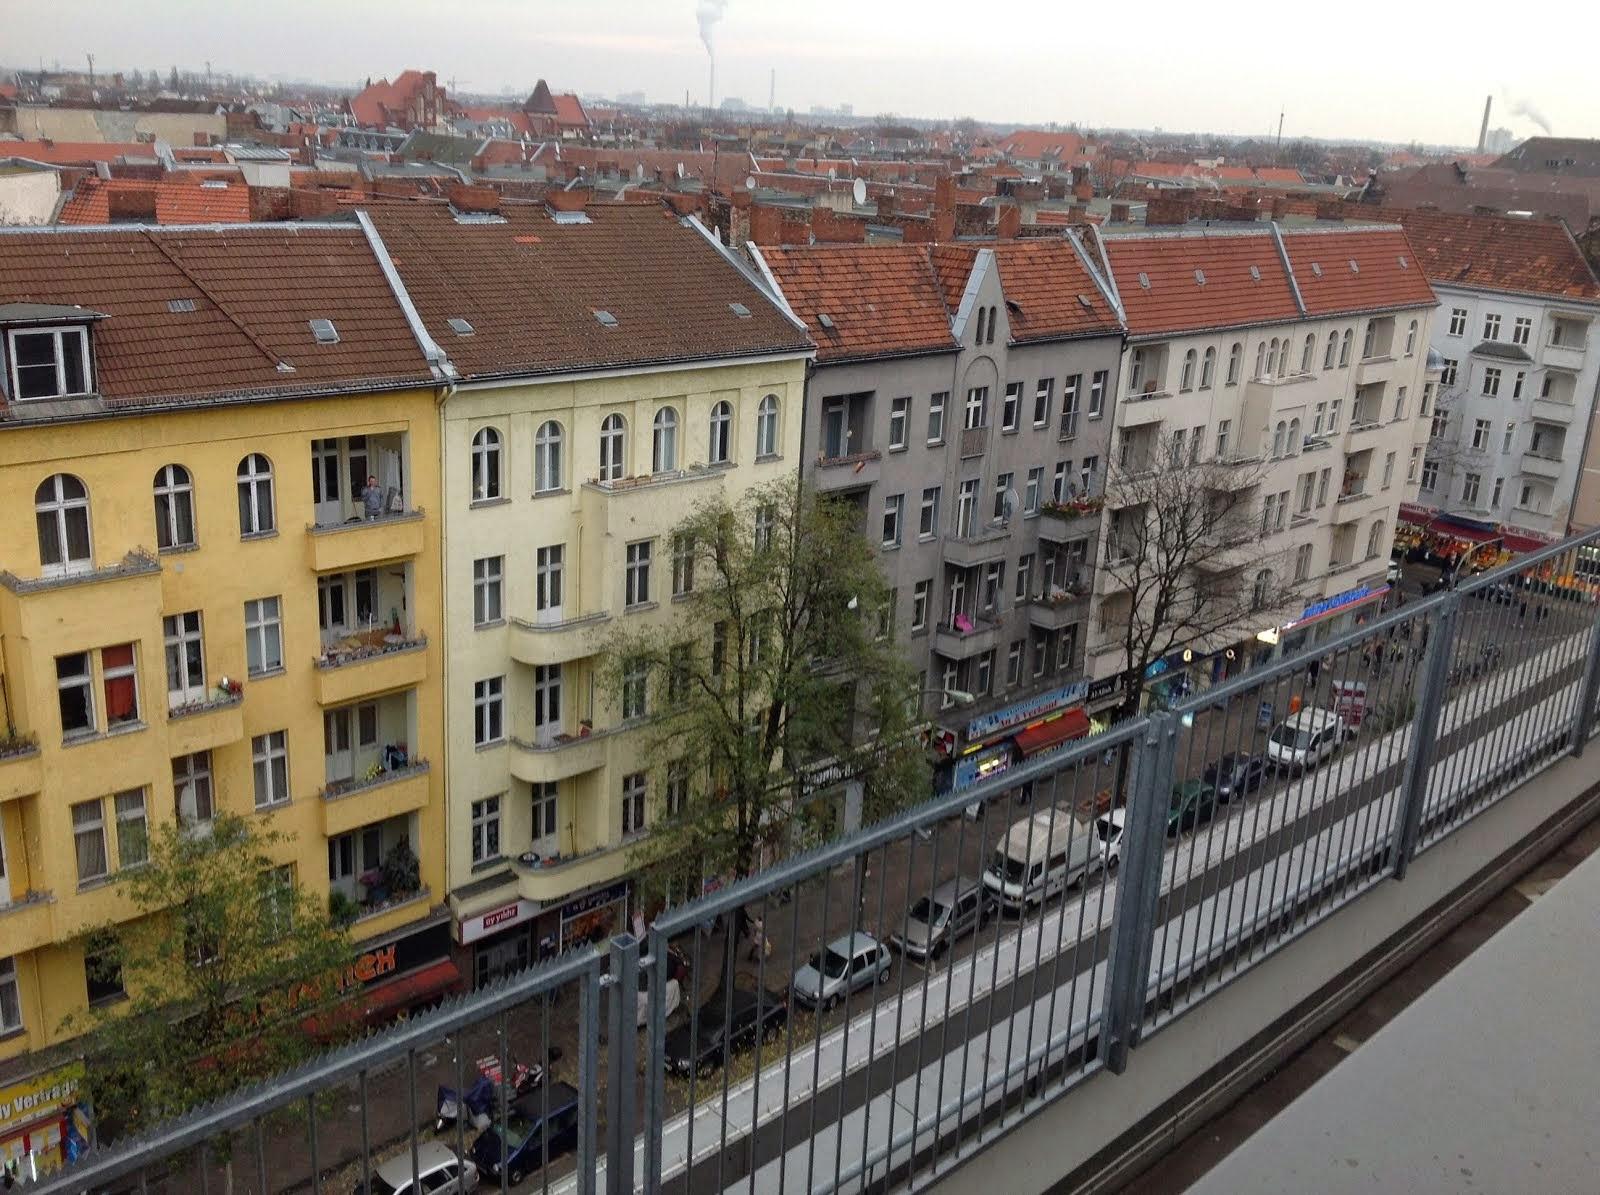 Neukölln, Berlin